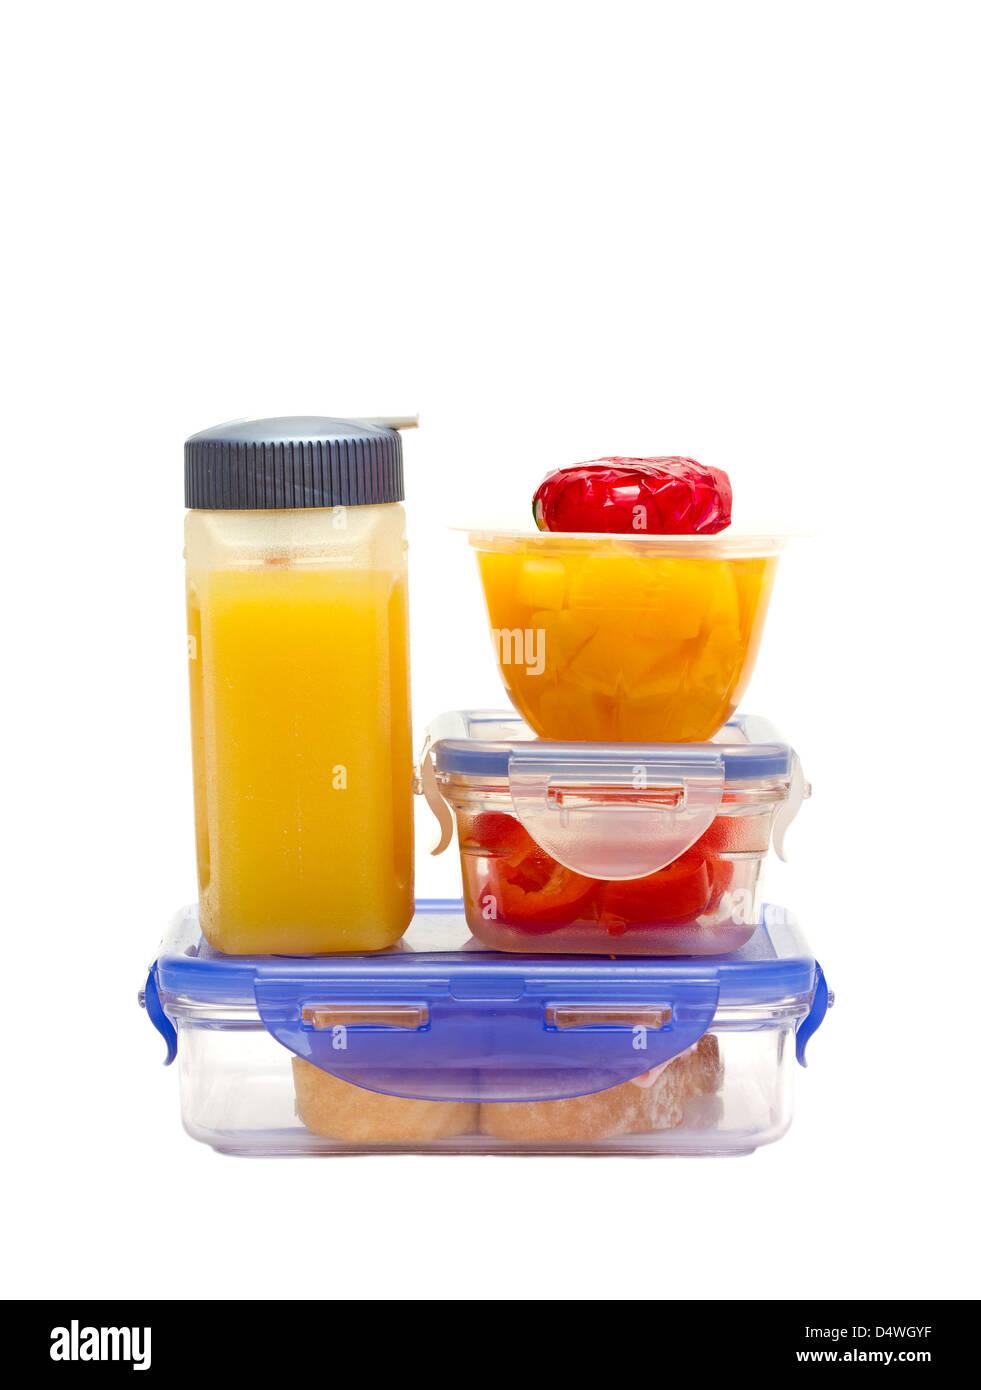 Schule gesundes Mittagessen für Kinder Stockbild